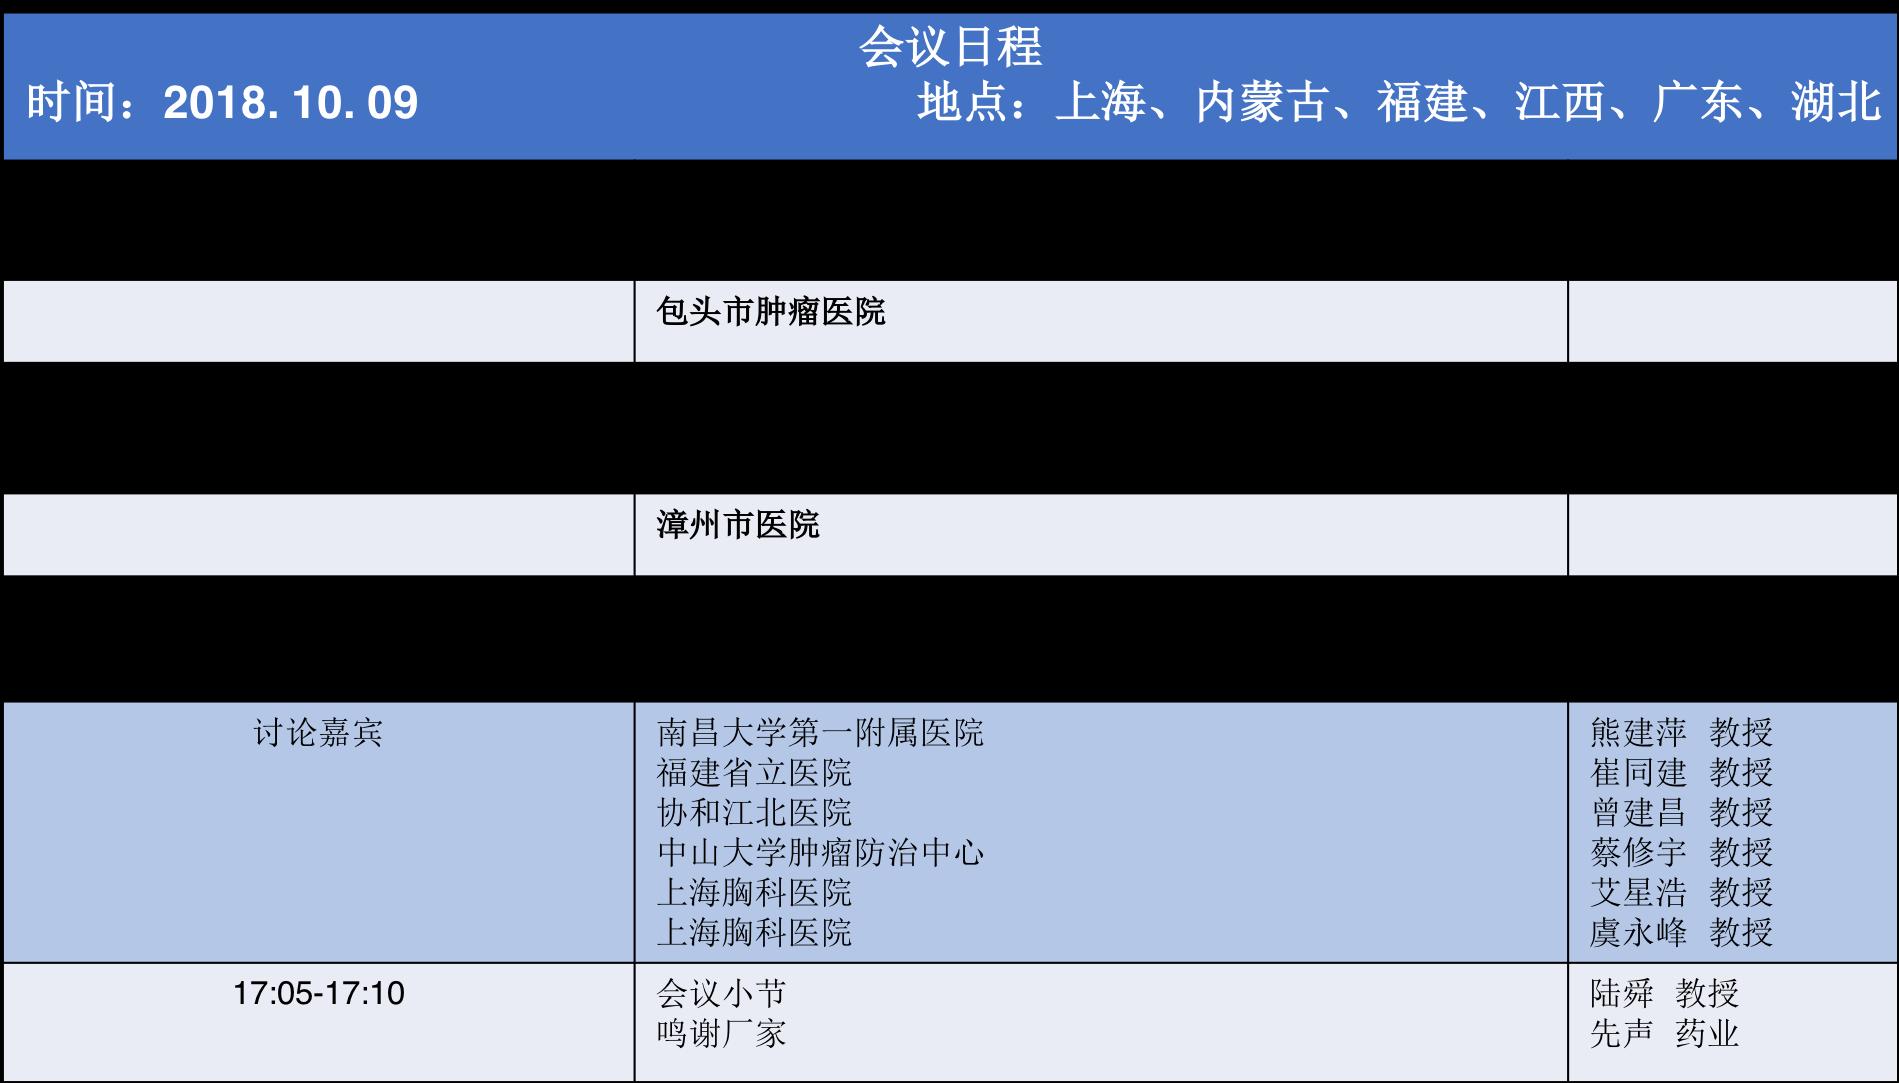 20181009会议日程.png